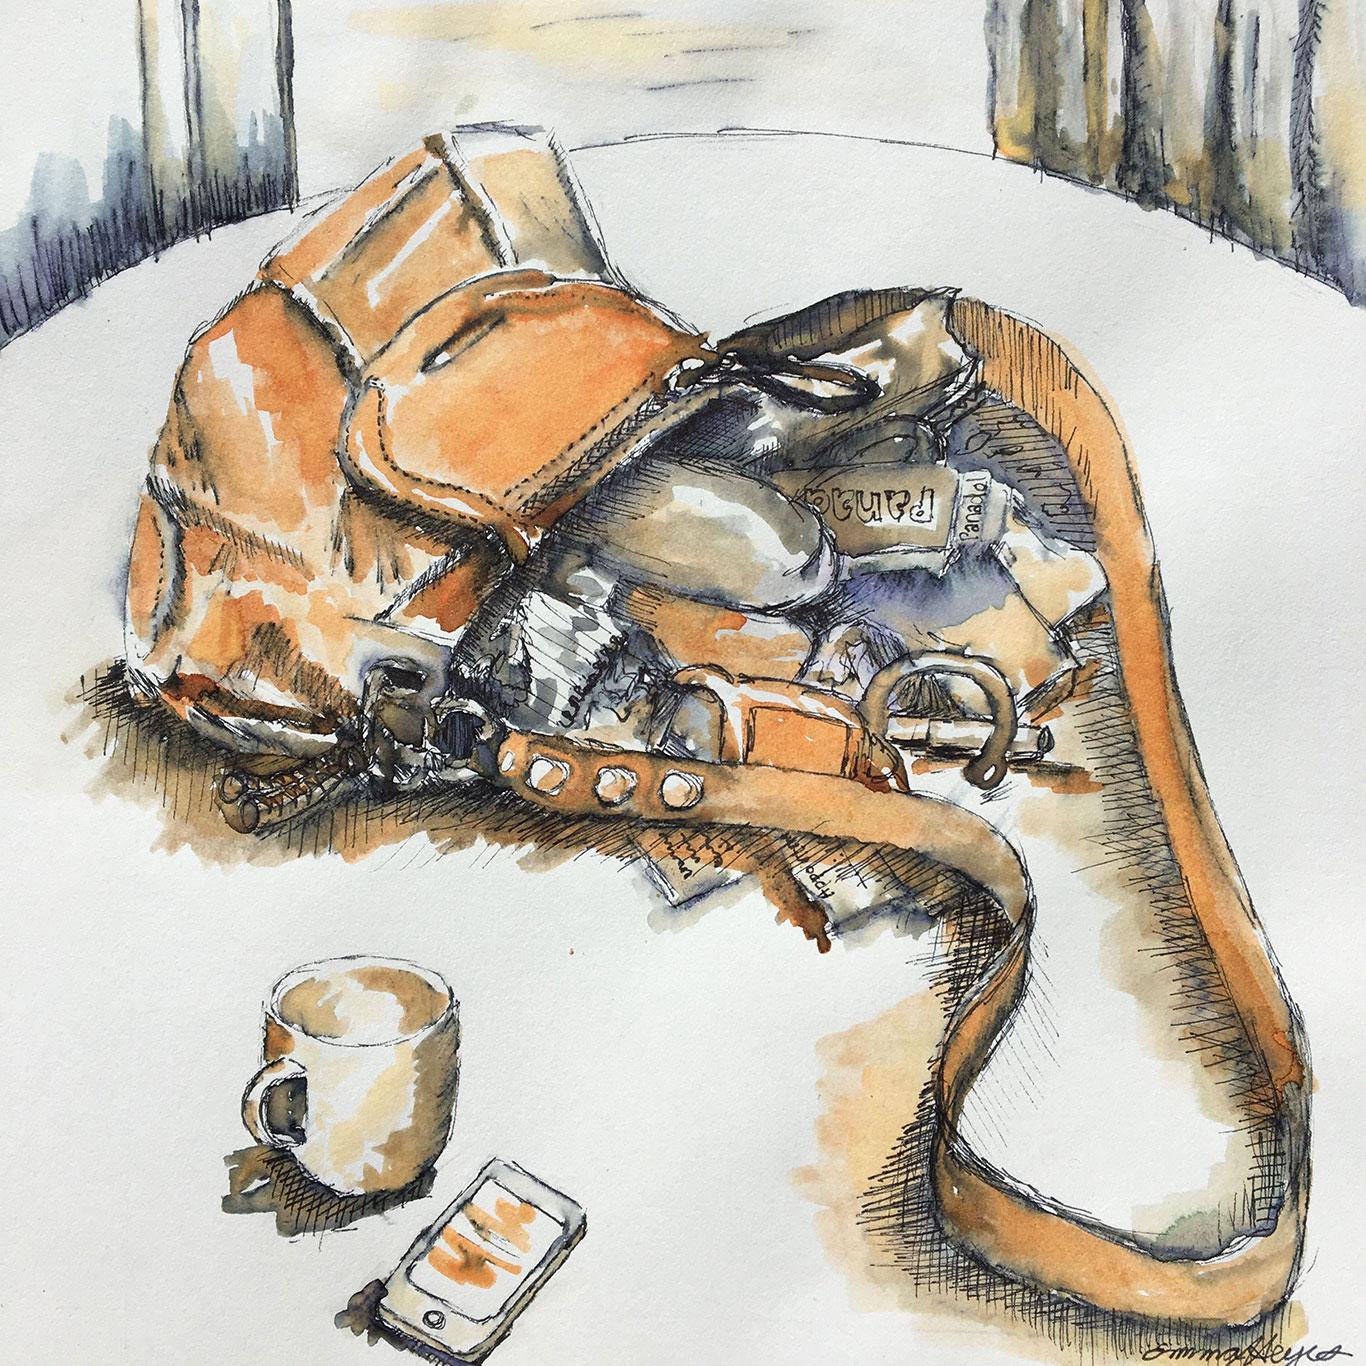 Pen & Ink Drawing by Emma Heyes